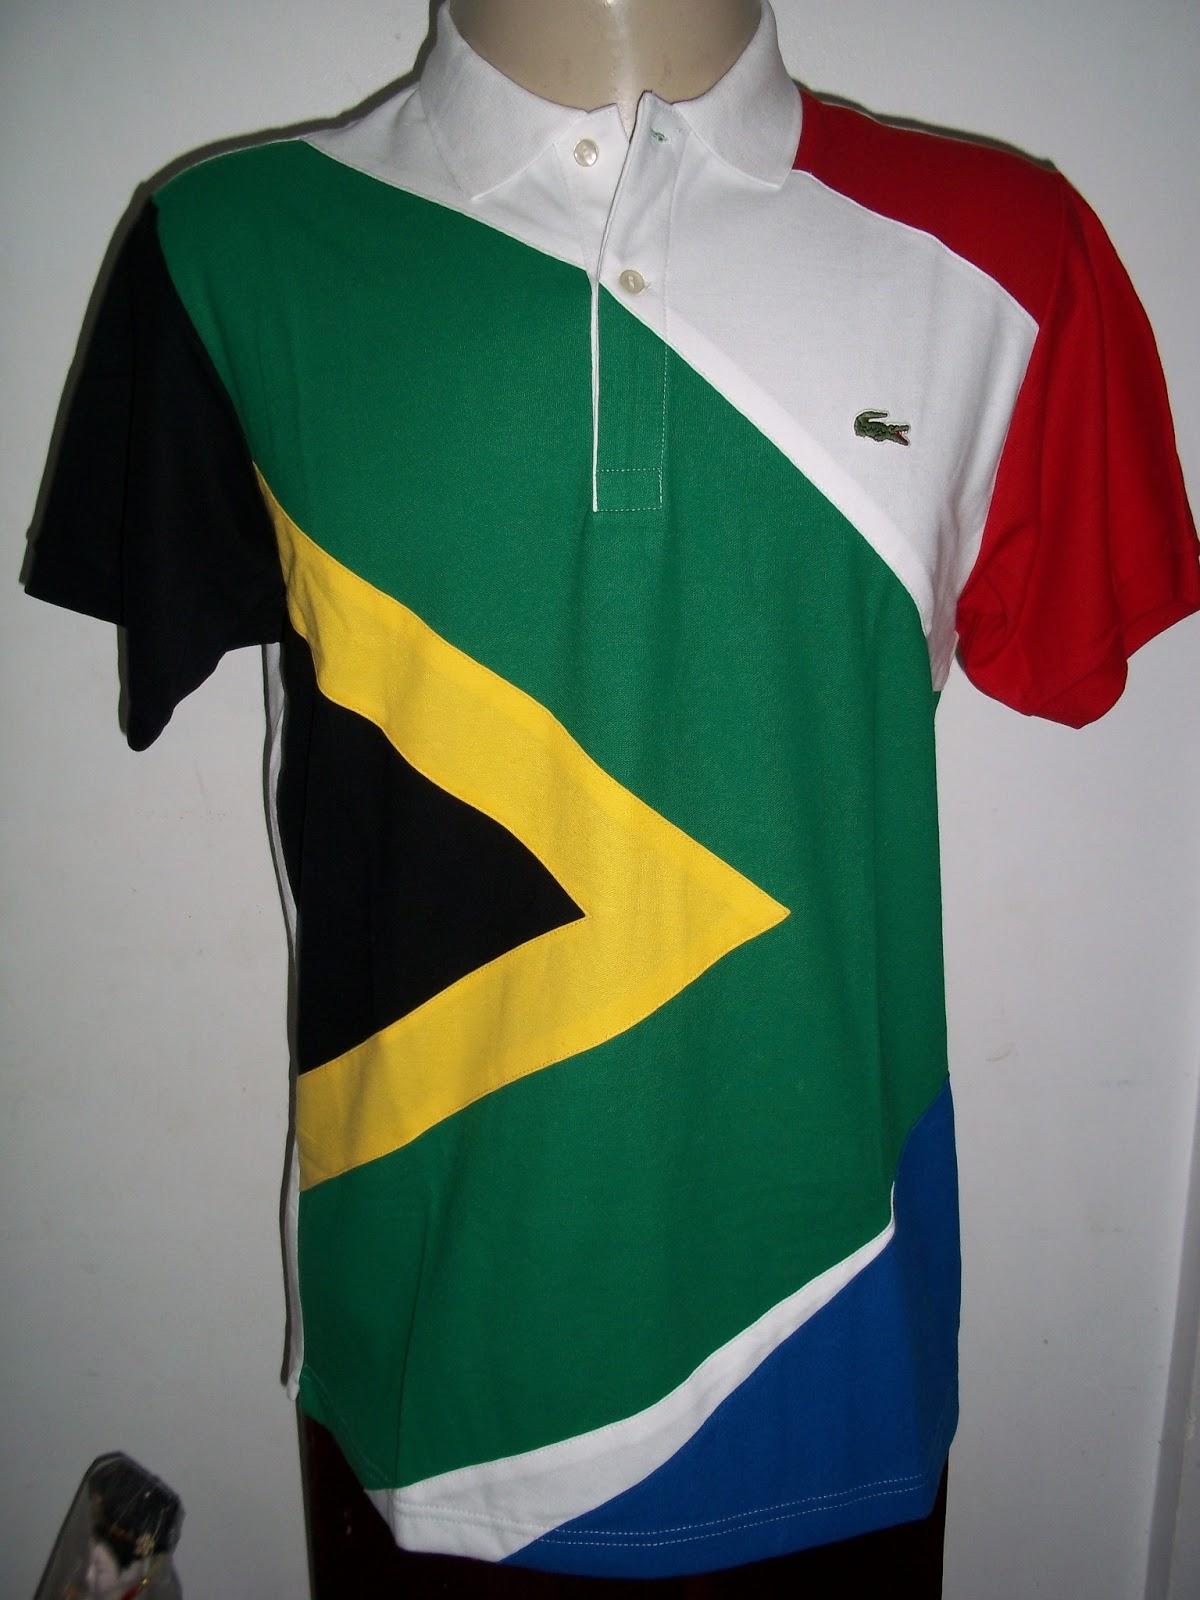 497a9d0b610c6 ... quanto custa uma camisa polo ralph lauren nos estados unidos ...